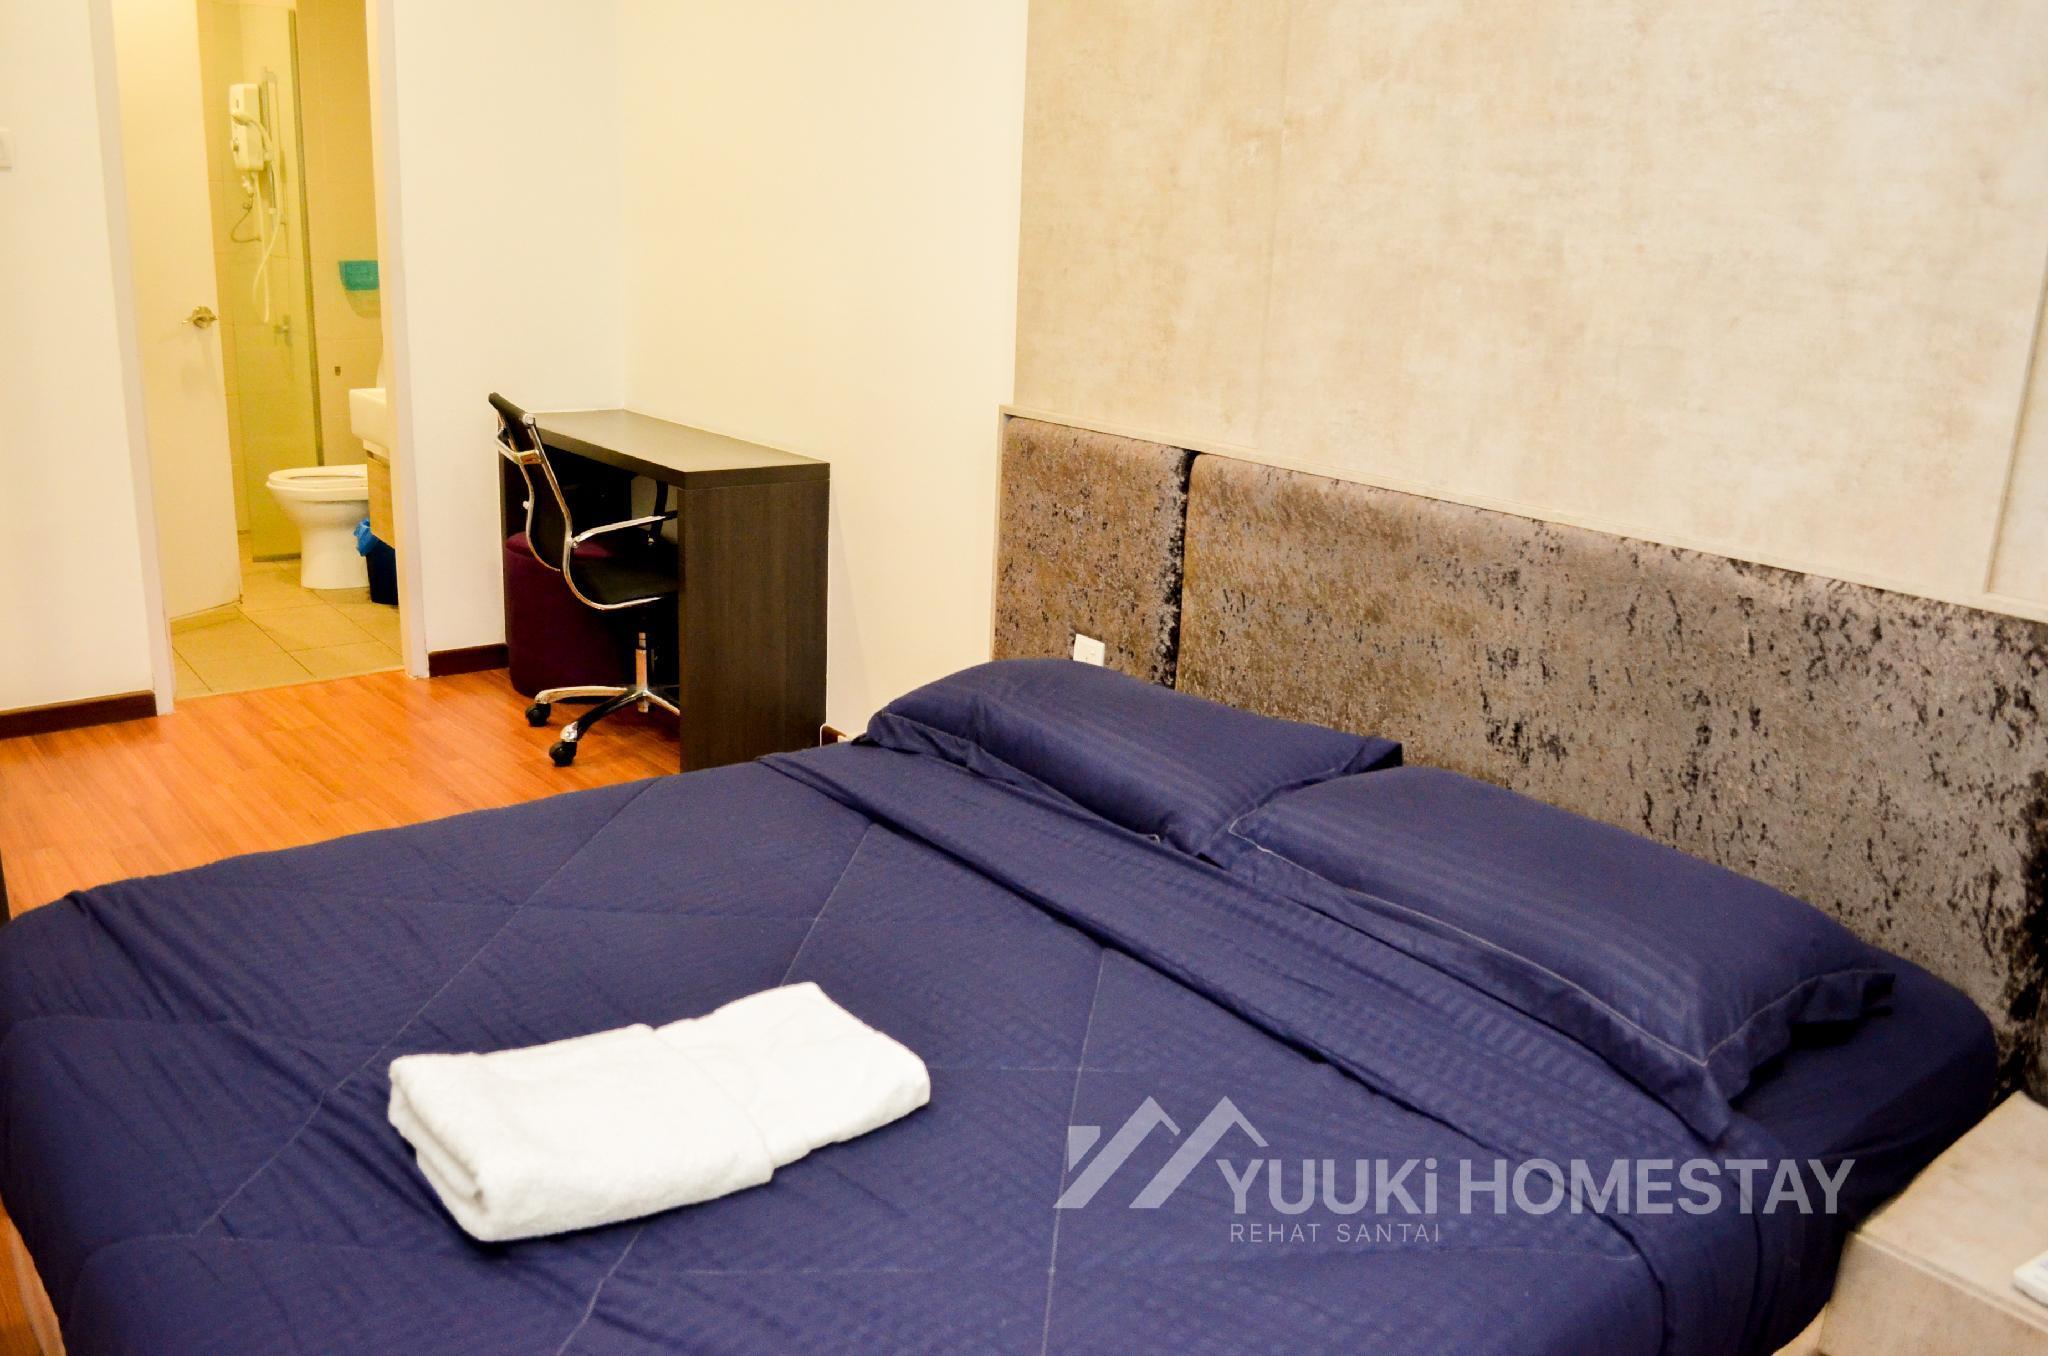 I City @I Soho 1 Bedroom WB @ YuukiHomestay  T042